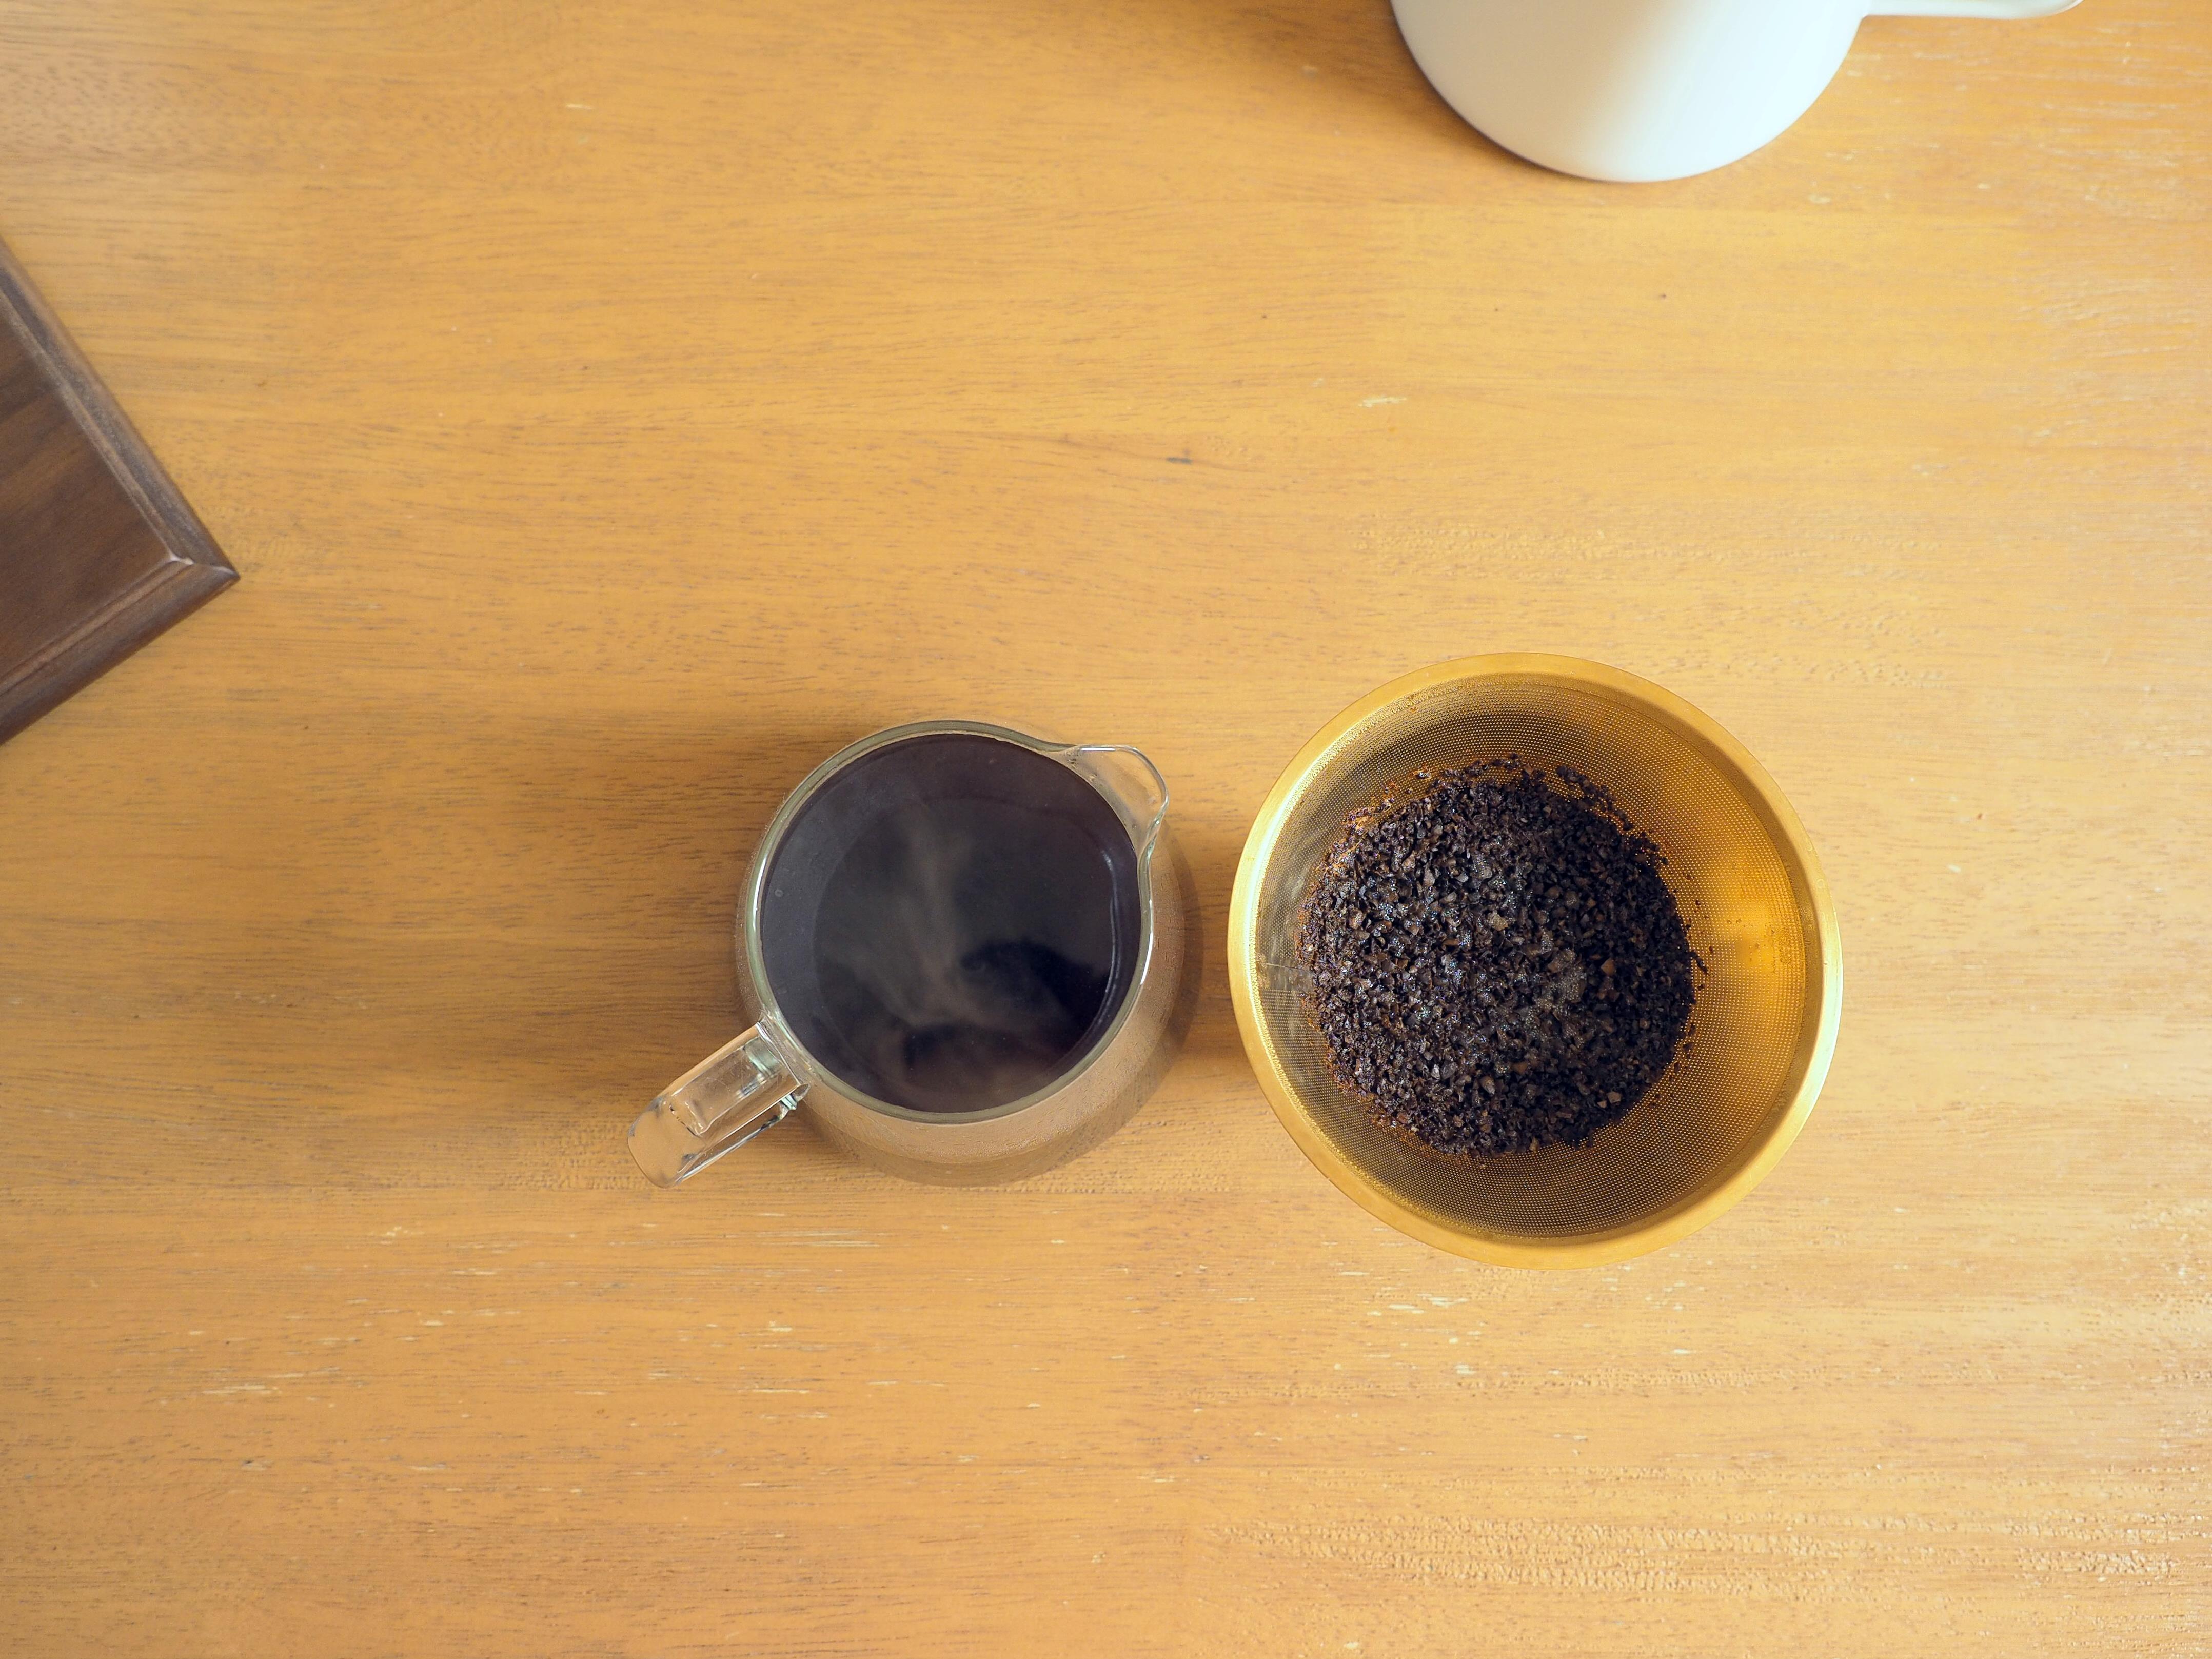 コーヒー抽出完了_Tukikoyaのケニヤ エンデベス農園 ナチュラル_KINTOの金属フィルターでドリップ